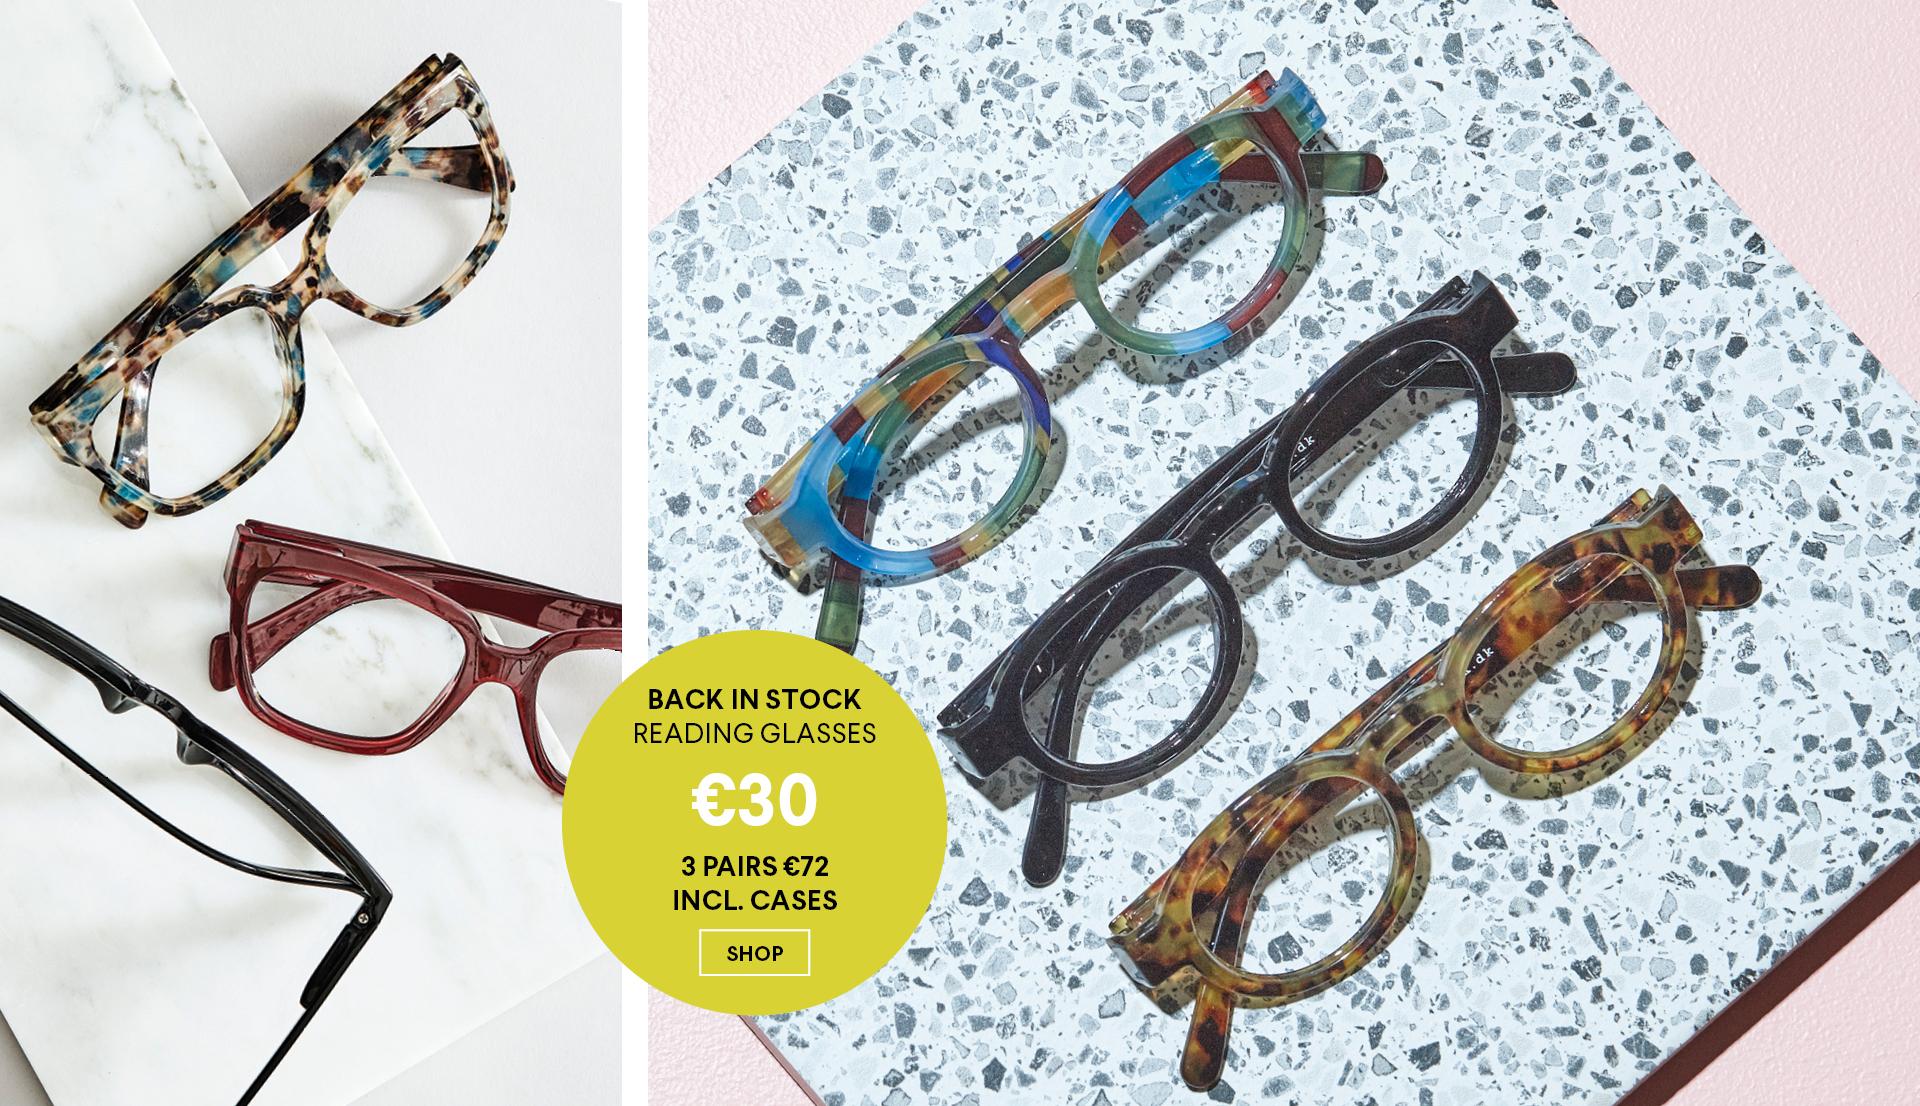 Back in stock reading glasses